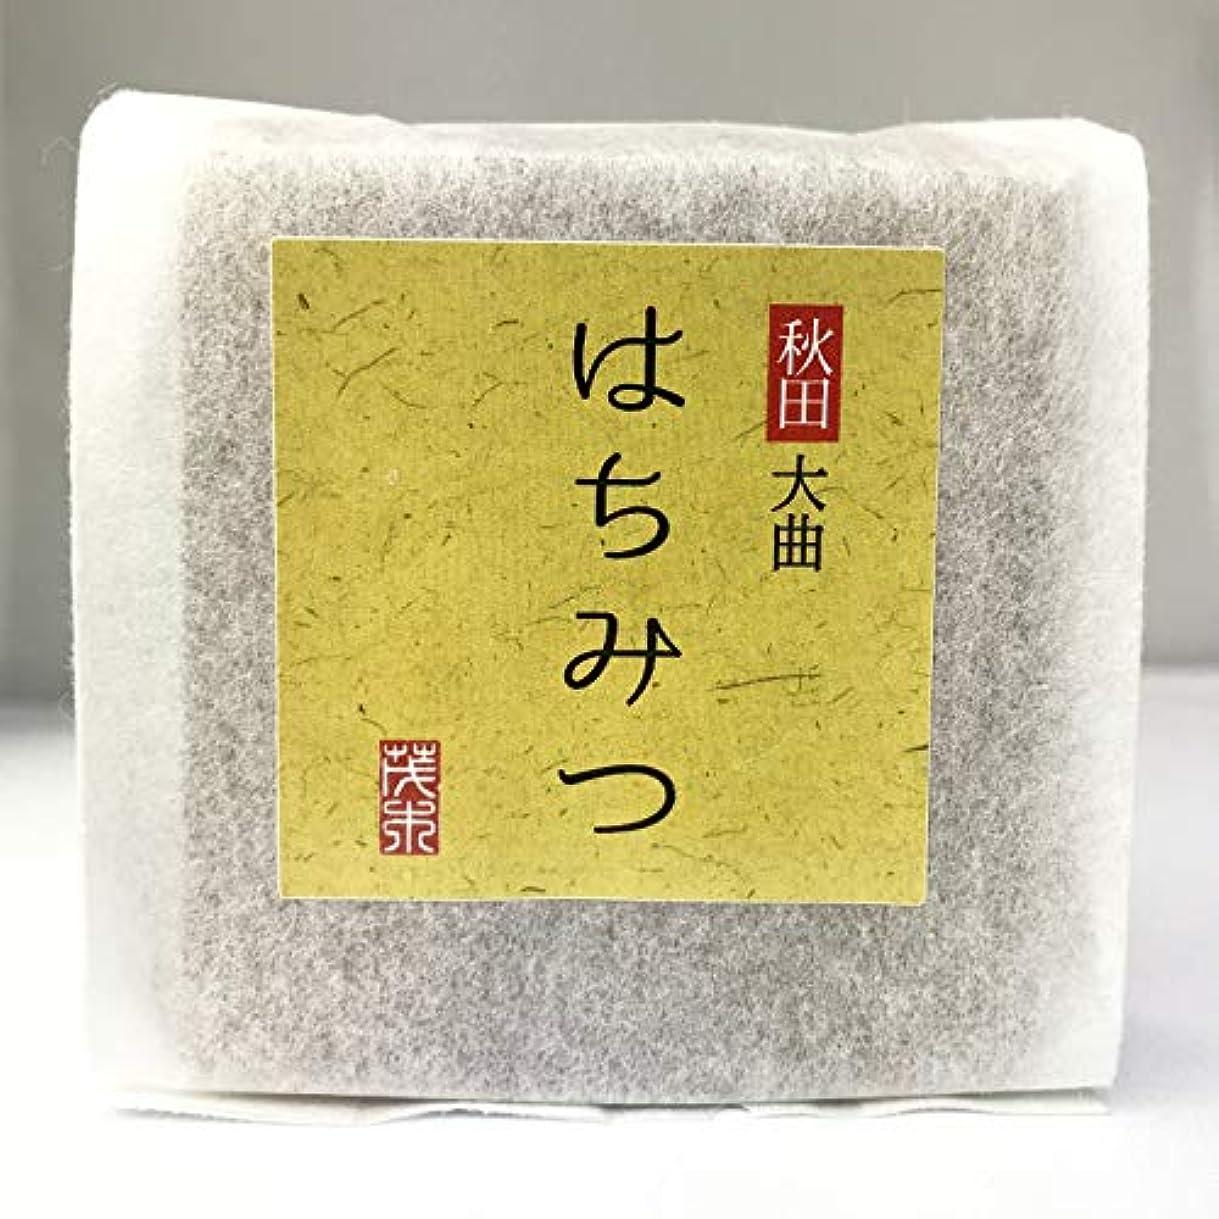 散らすレッスン頭無添加石鹸 はちみつ石鹸 100g